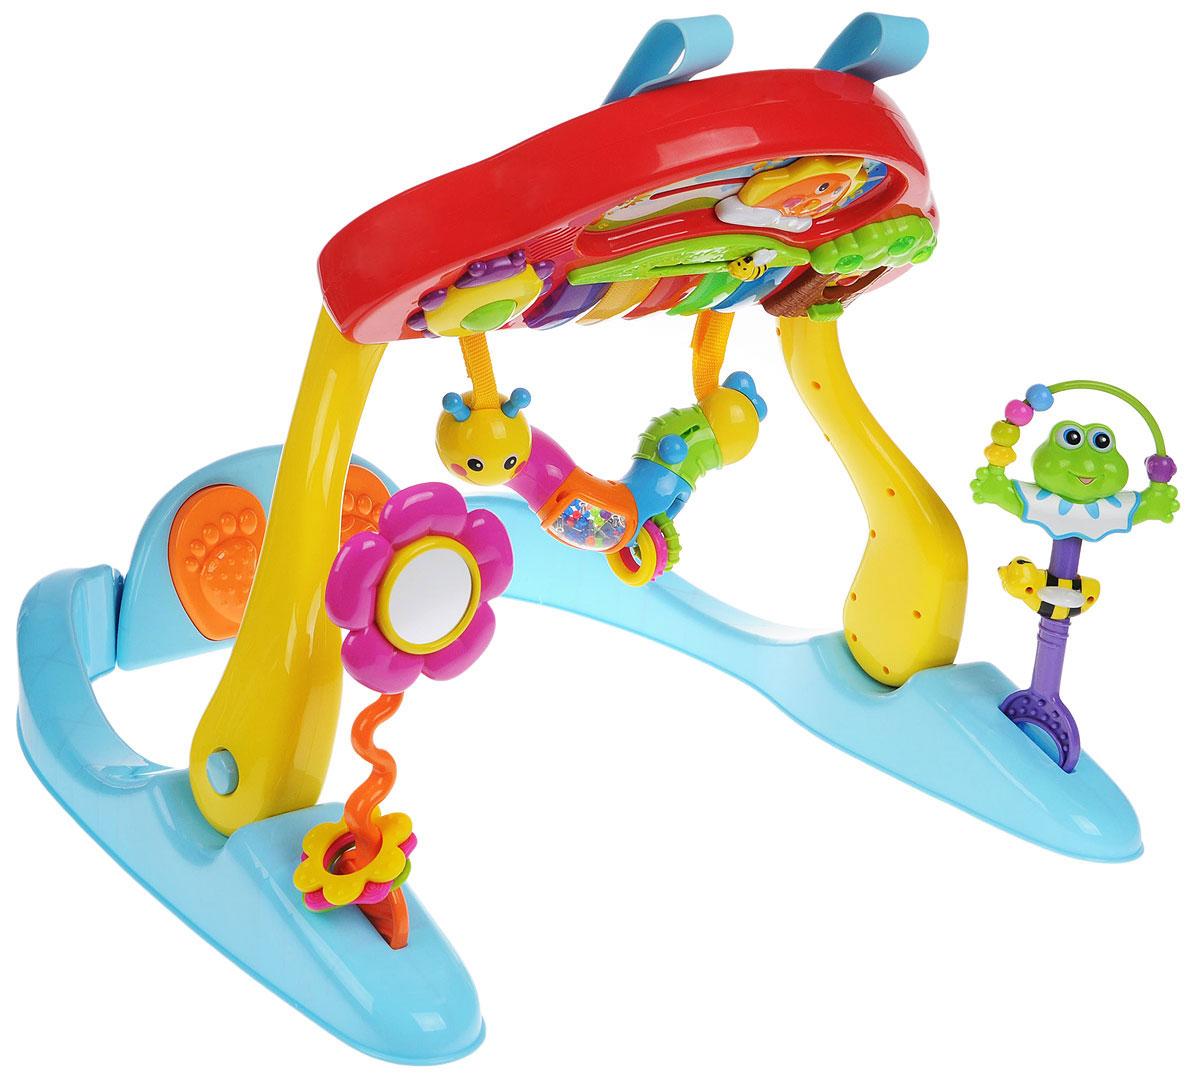 Huile Toys Развивающий музыкальный центр Fitness Piano786Развивающий музыкальный центр Huile Toys Fitness Piano стимулирует сенсорное восприятие малыша и физическую активность. Игрушка представляет собой игровую площадку на подставке. Устанавливается центр в двух положениях: когда ребенок играет лежа (для совсем маленьких) и когда играет сидя (для малышей постарше). Различные действия: нажатие, вращение, удержание - развивают мелкую моторику рук, тренируют координацию рук, глаз и стимулируют мышечную активность. При нажатии ногами на педали в нижней части развивающего центра раздаются звуки, вдохновляющие малыша на физические упражнения. Съемное пианино с различными звуковыми и световыми эффектами можно разместить на кроватке. При нажатии на кнопку, расположенную на дереве, выглянет птичка. Солнышко двигается вдоль горизонта, а фрукты на дереве светятся под звуки приятной мелодии. Гусеница-погремушка для визуального и тактильного развития маленьких ручек. На цветке находится безопасное зеркальце. ...